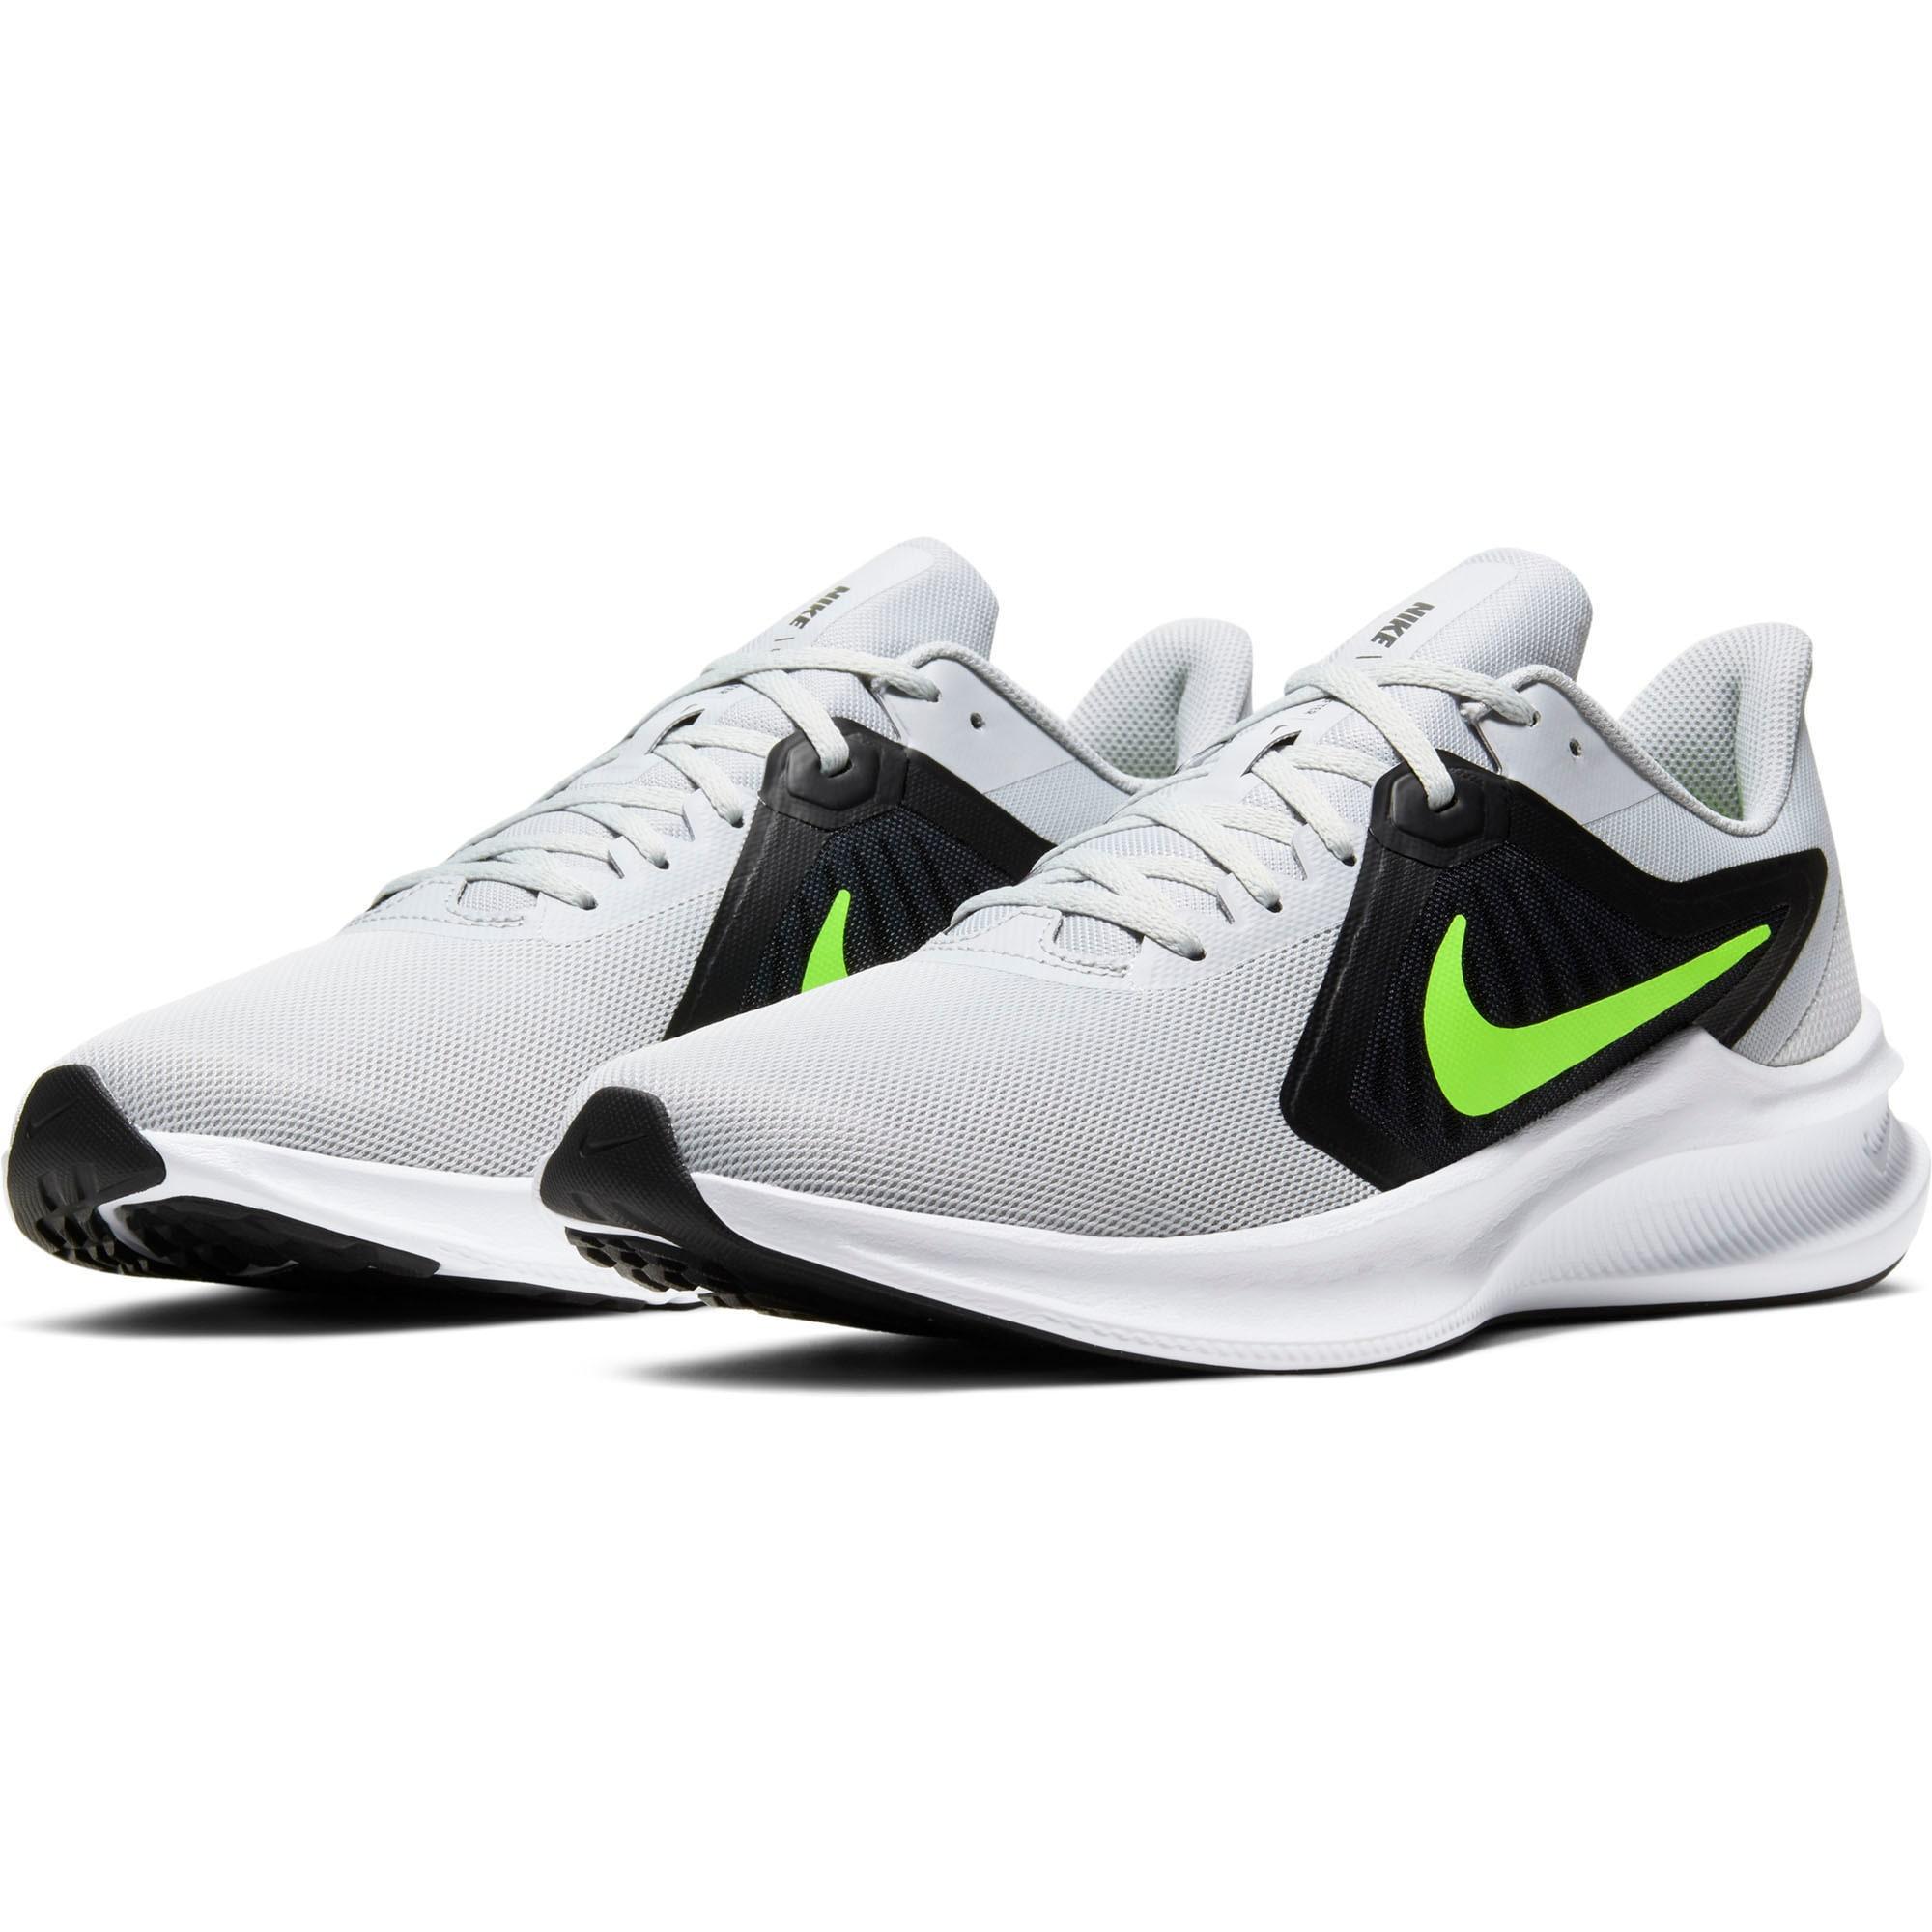 Nike Laufschuh Downshifter 10 grau Laufschuhe Herren Unisex